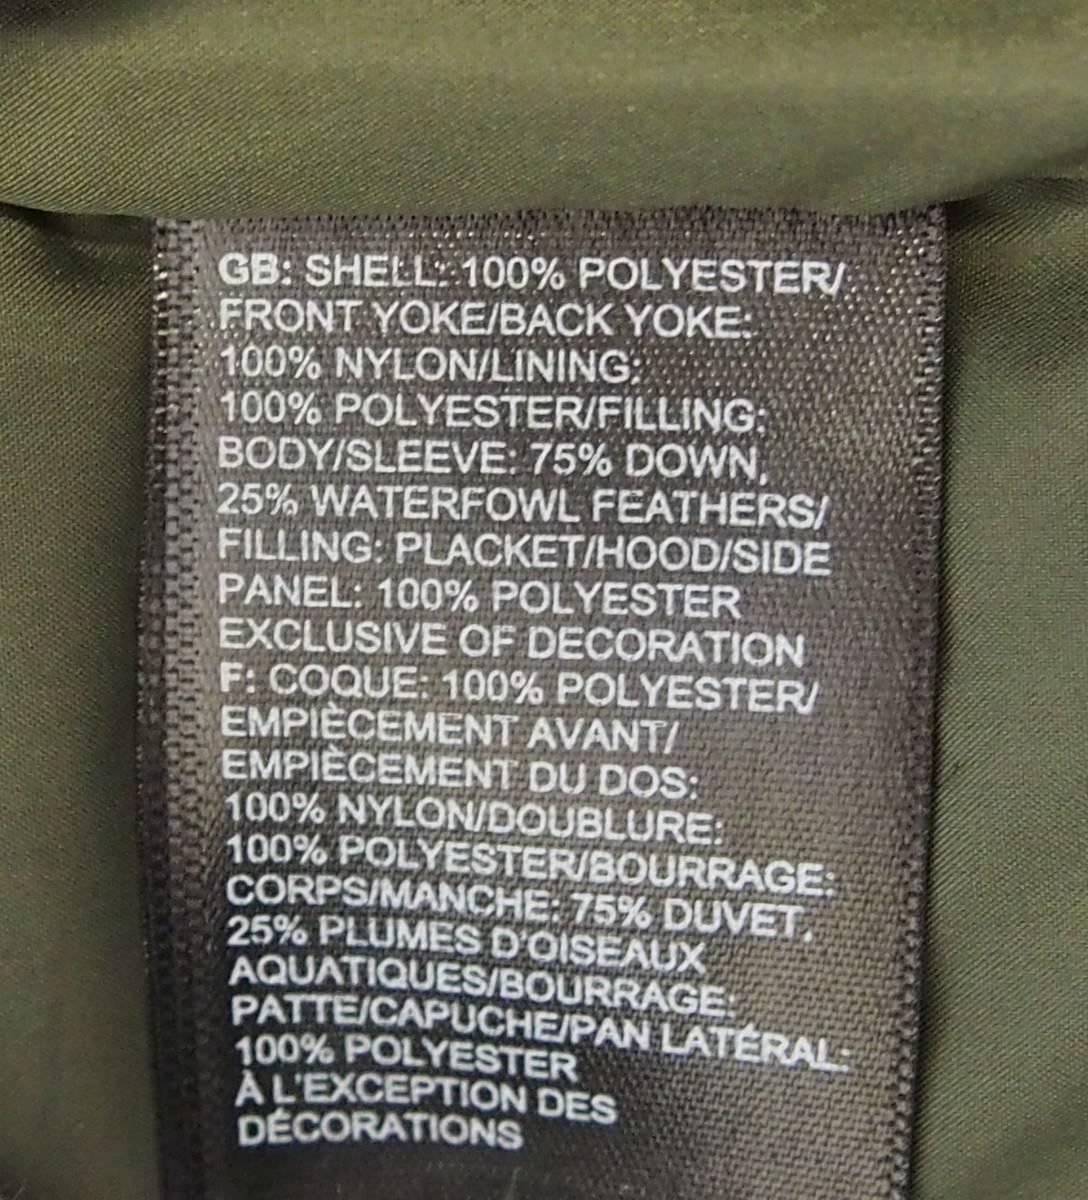 【USA購入、未使用タグ付】ノースフェイス Balham ダウンジャケット メンズ M グリーン Balham Down Jacket NEW TAUPE GREEN MATTE_画像7